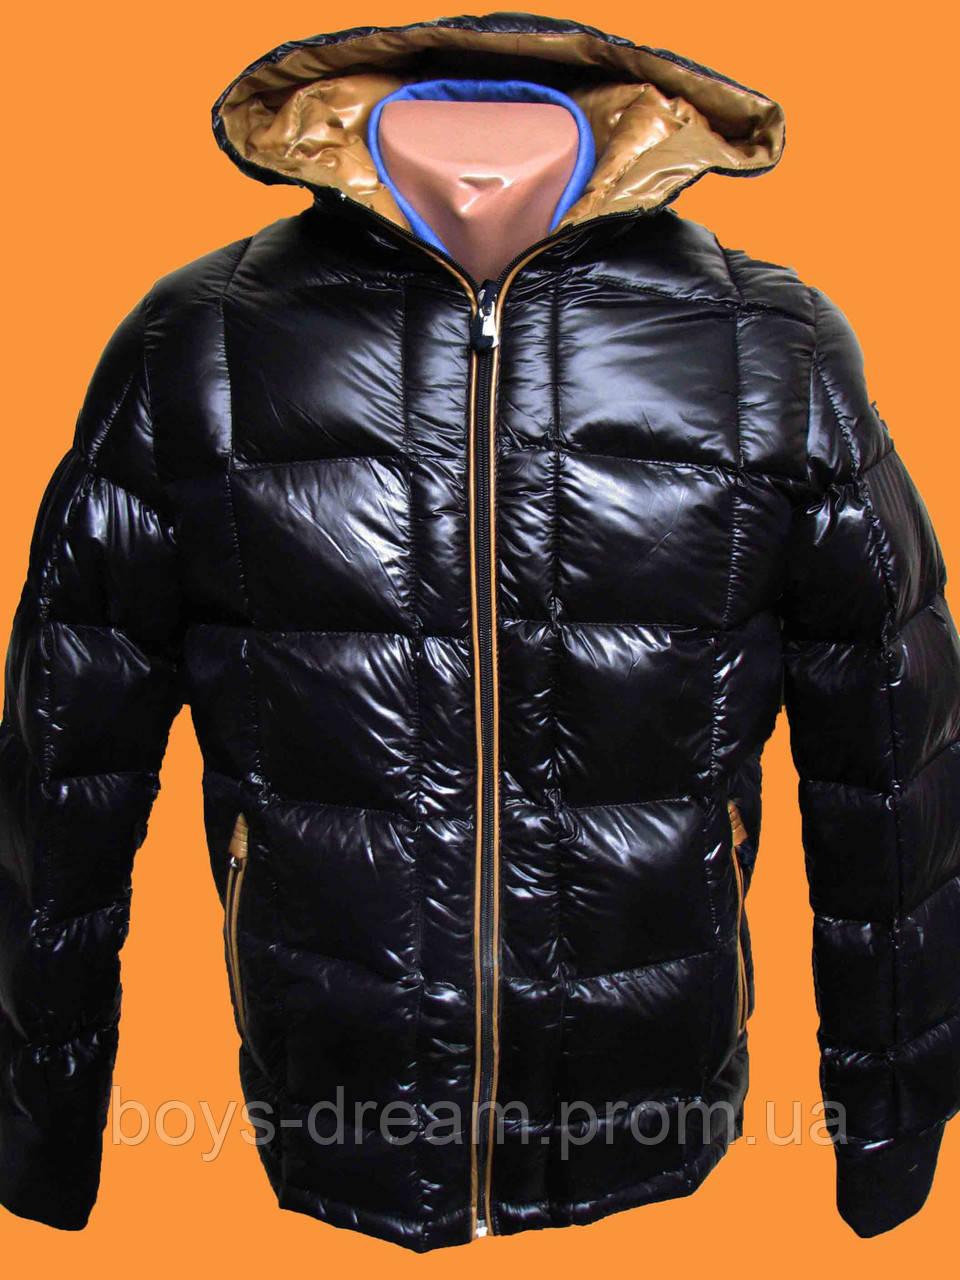 Куртка демисезонная 12 лет (152) Encore (Турция)